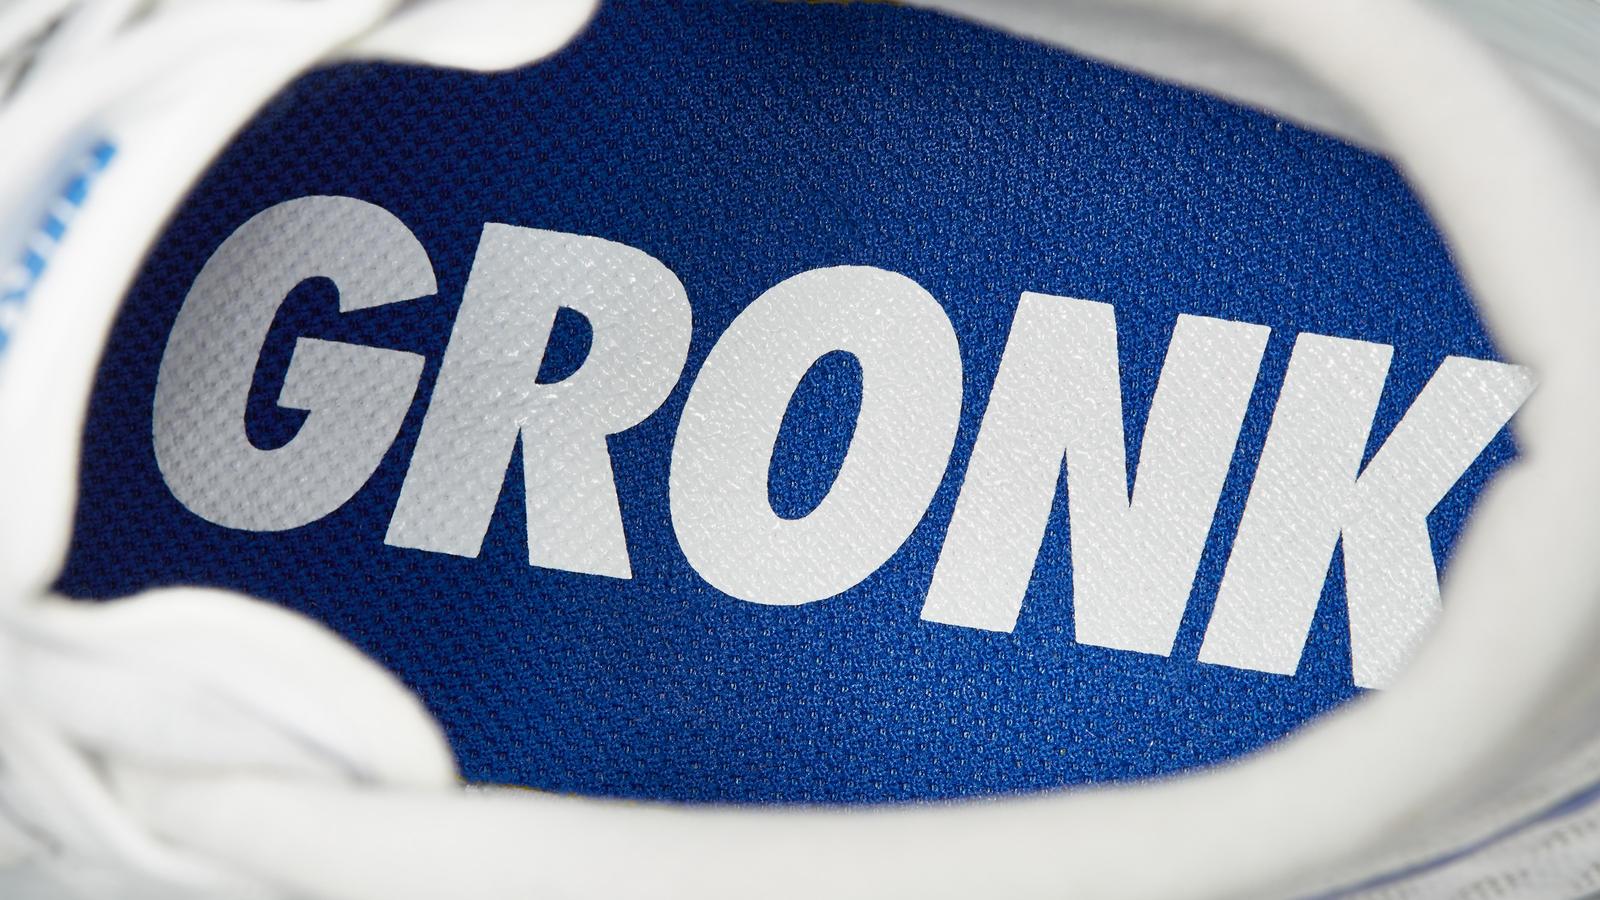 Nike Zoom Train Toranada Gronk - Nike News